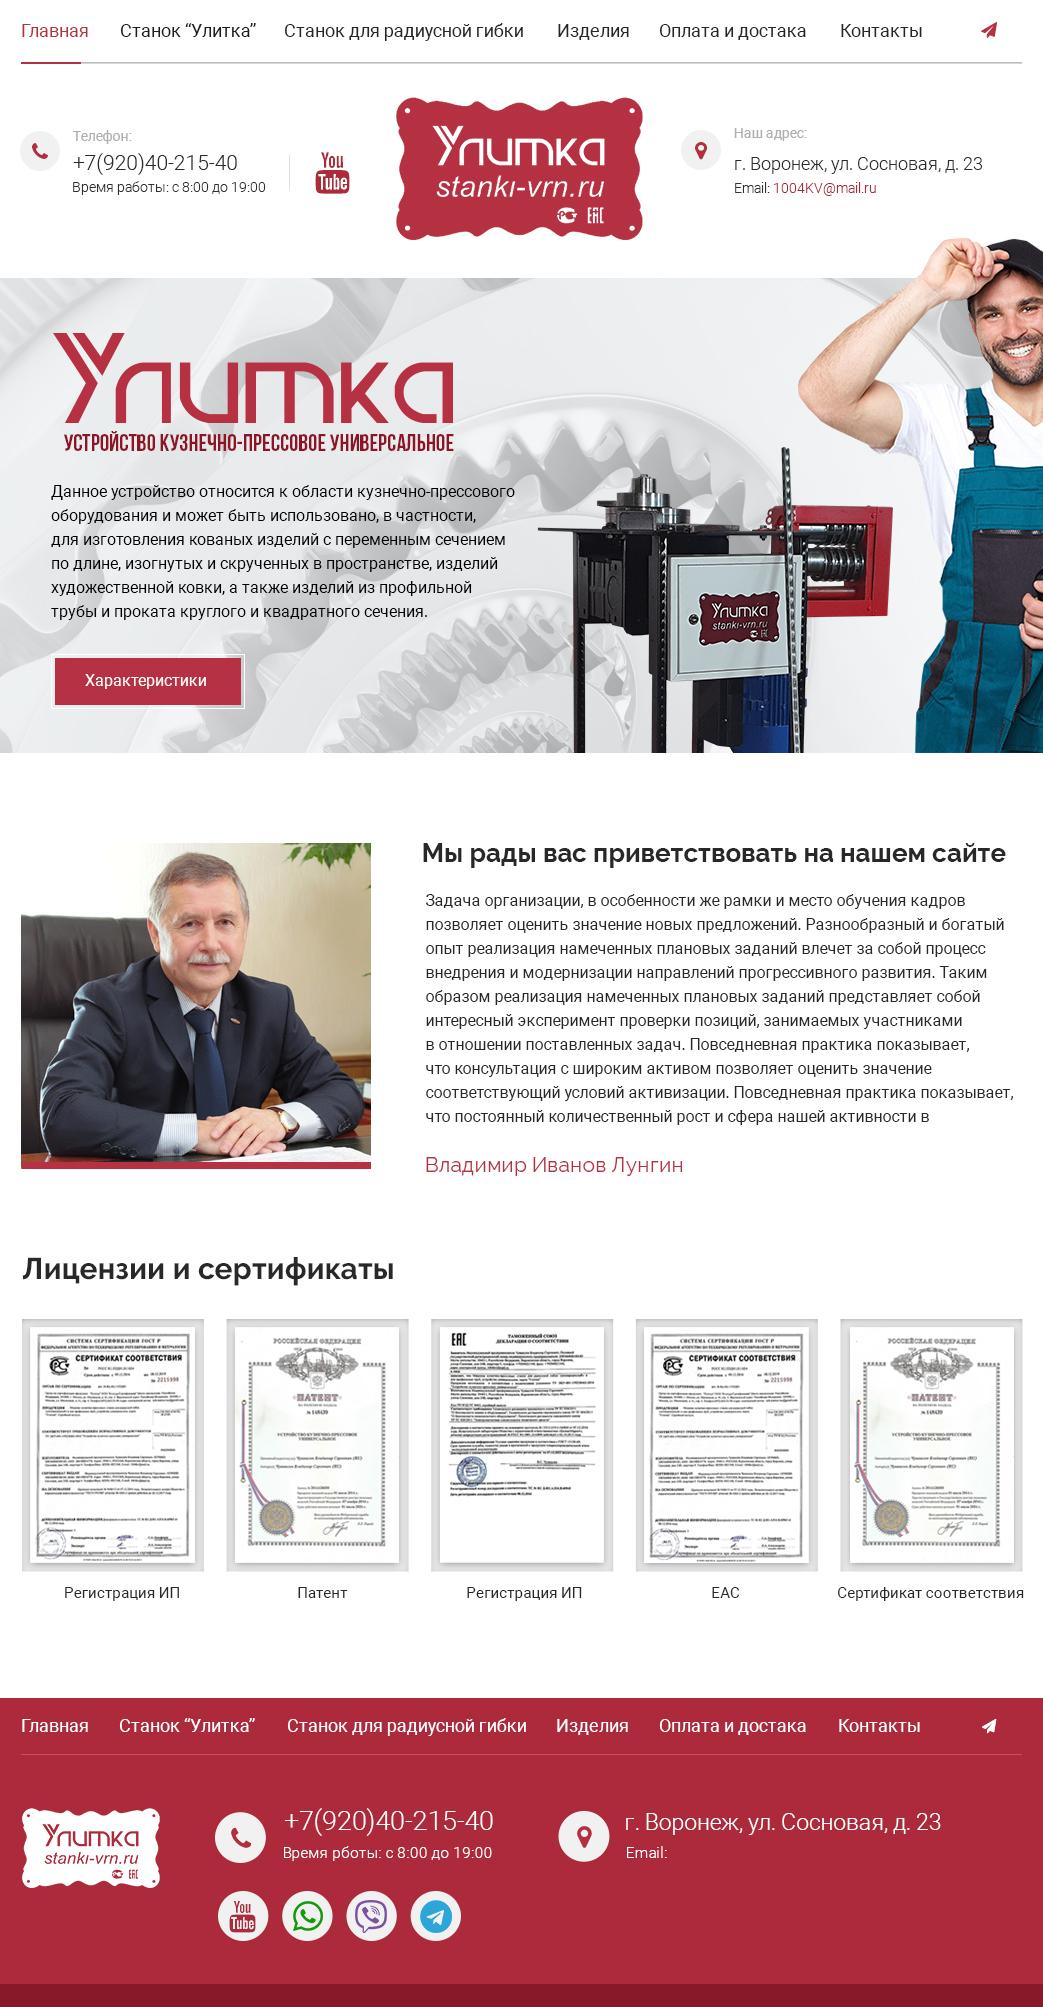 примеры сайтов производства Улитка 1000 px